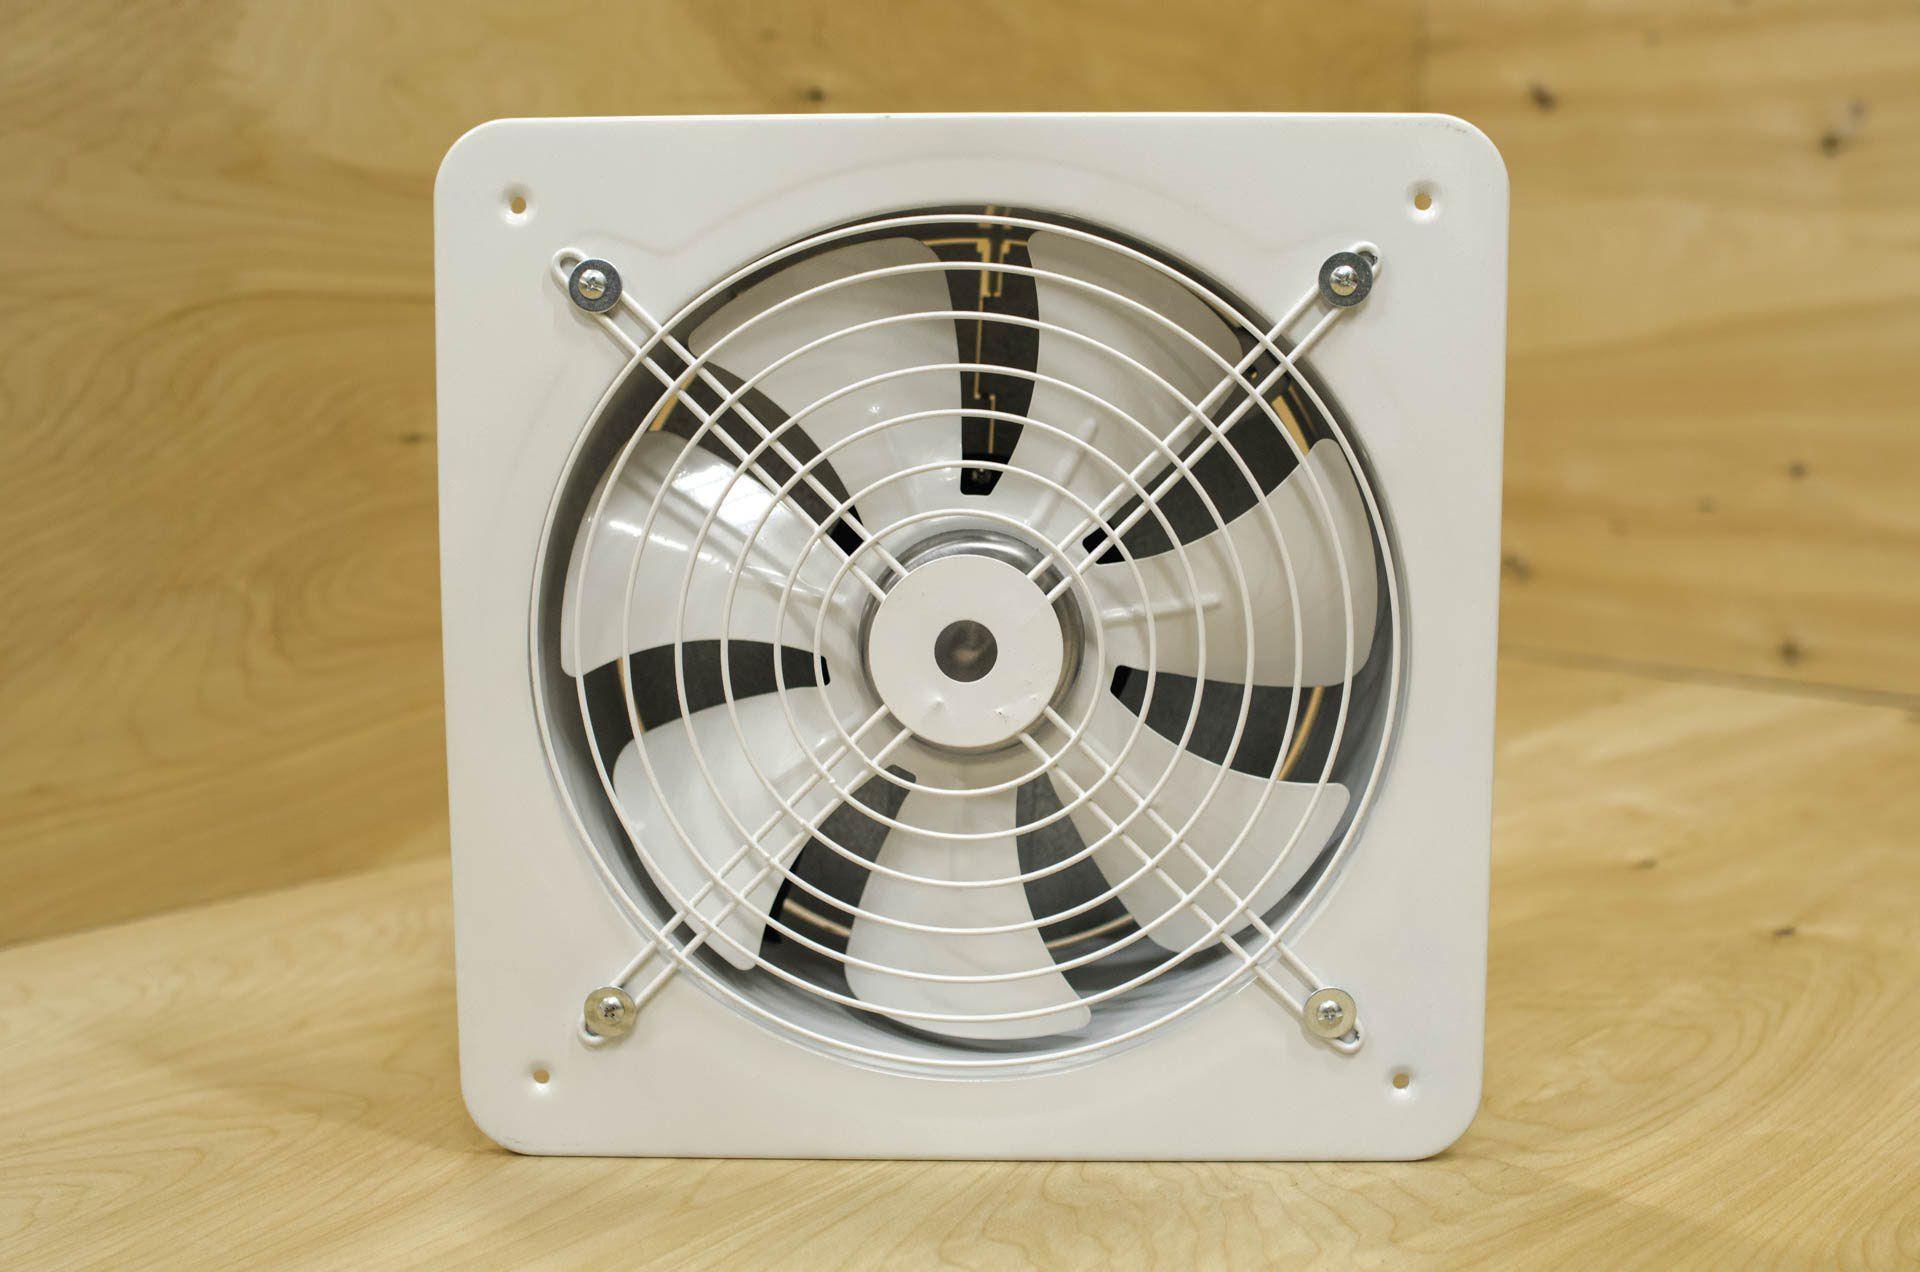 Вентилятор для ванной бесшумный: его конструктивные особенности и виды